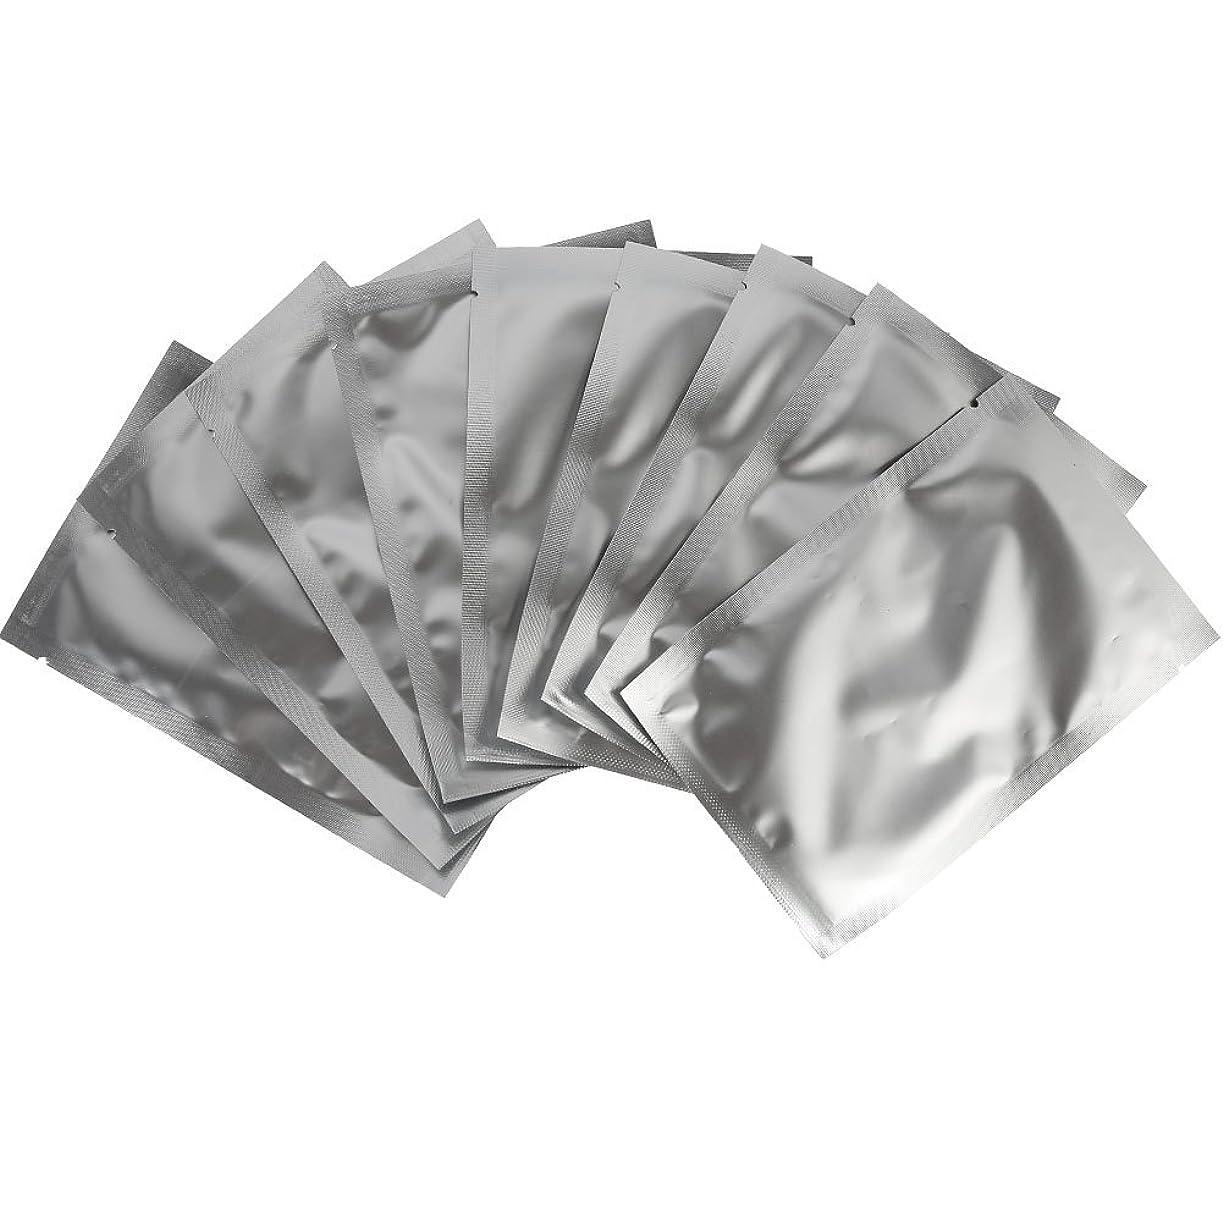 維持する小さな多くの危険がある状況10PCSしわパッチ、抗しわ抗フェイスマスクパッチライン保湿肌修理粘着パッド